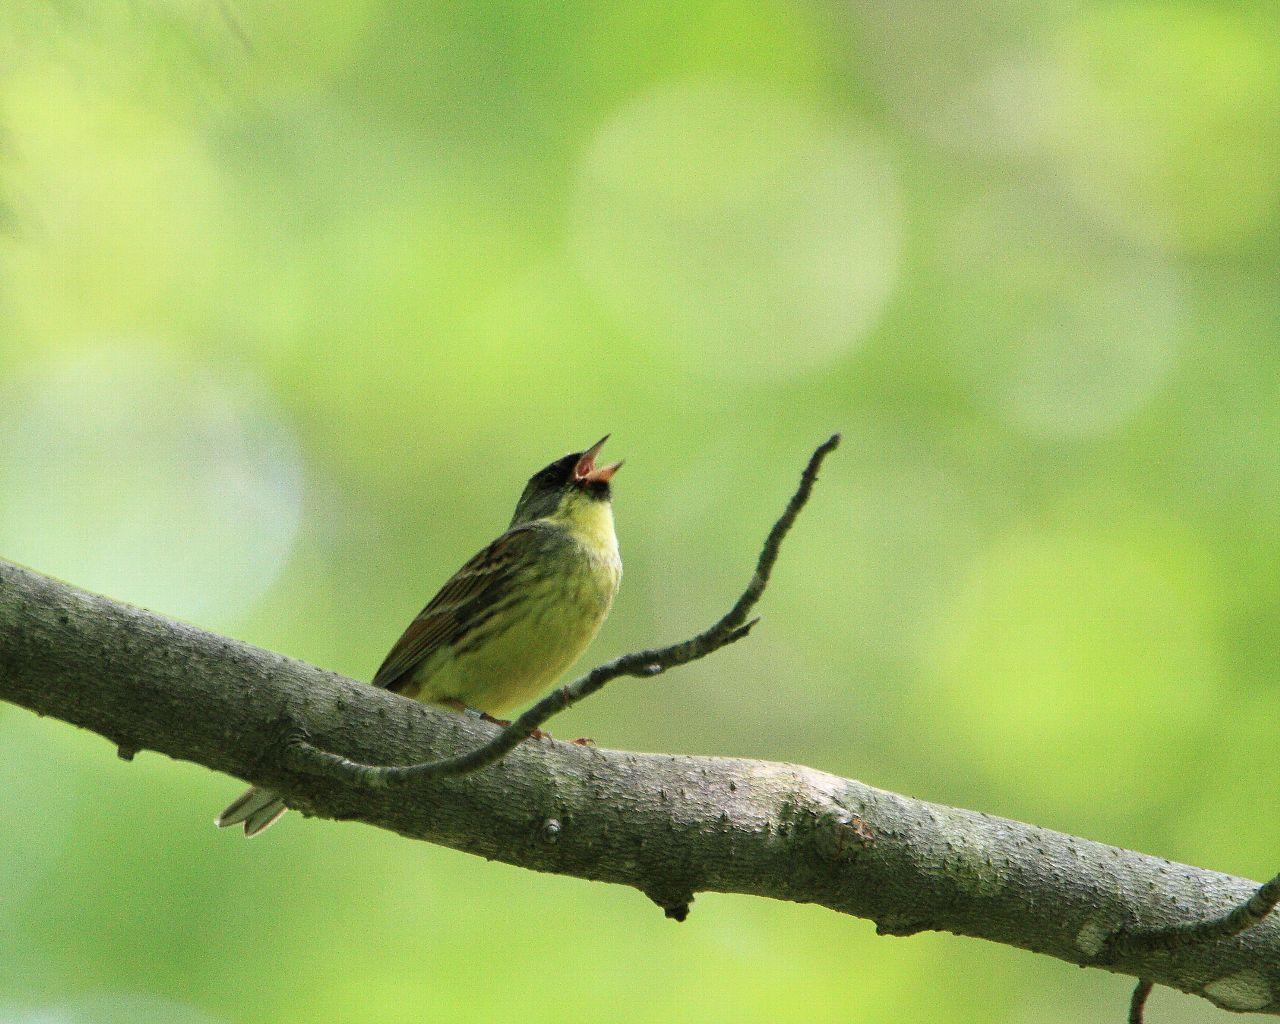 エゾフクロウの森で出遭った小鳥達_f0105570_22511822.jpg